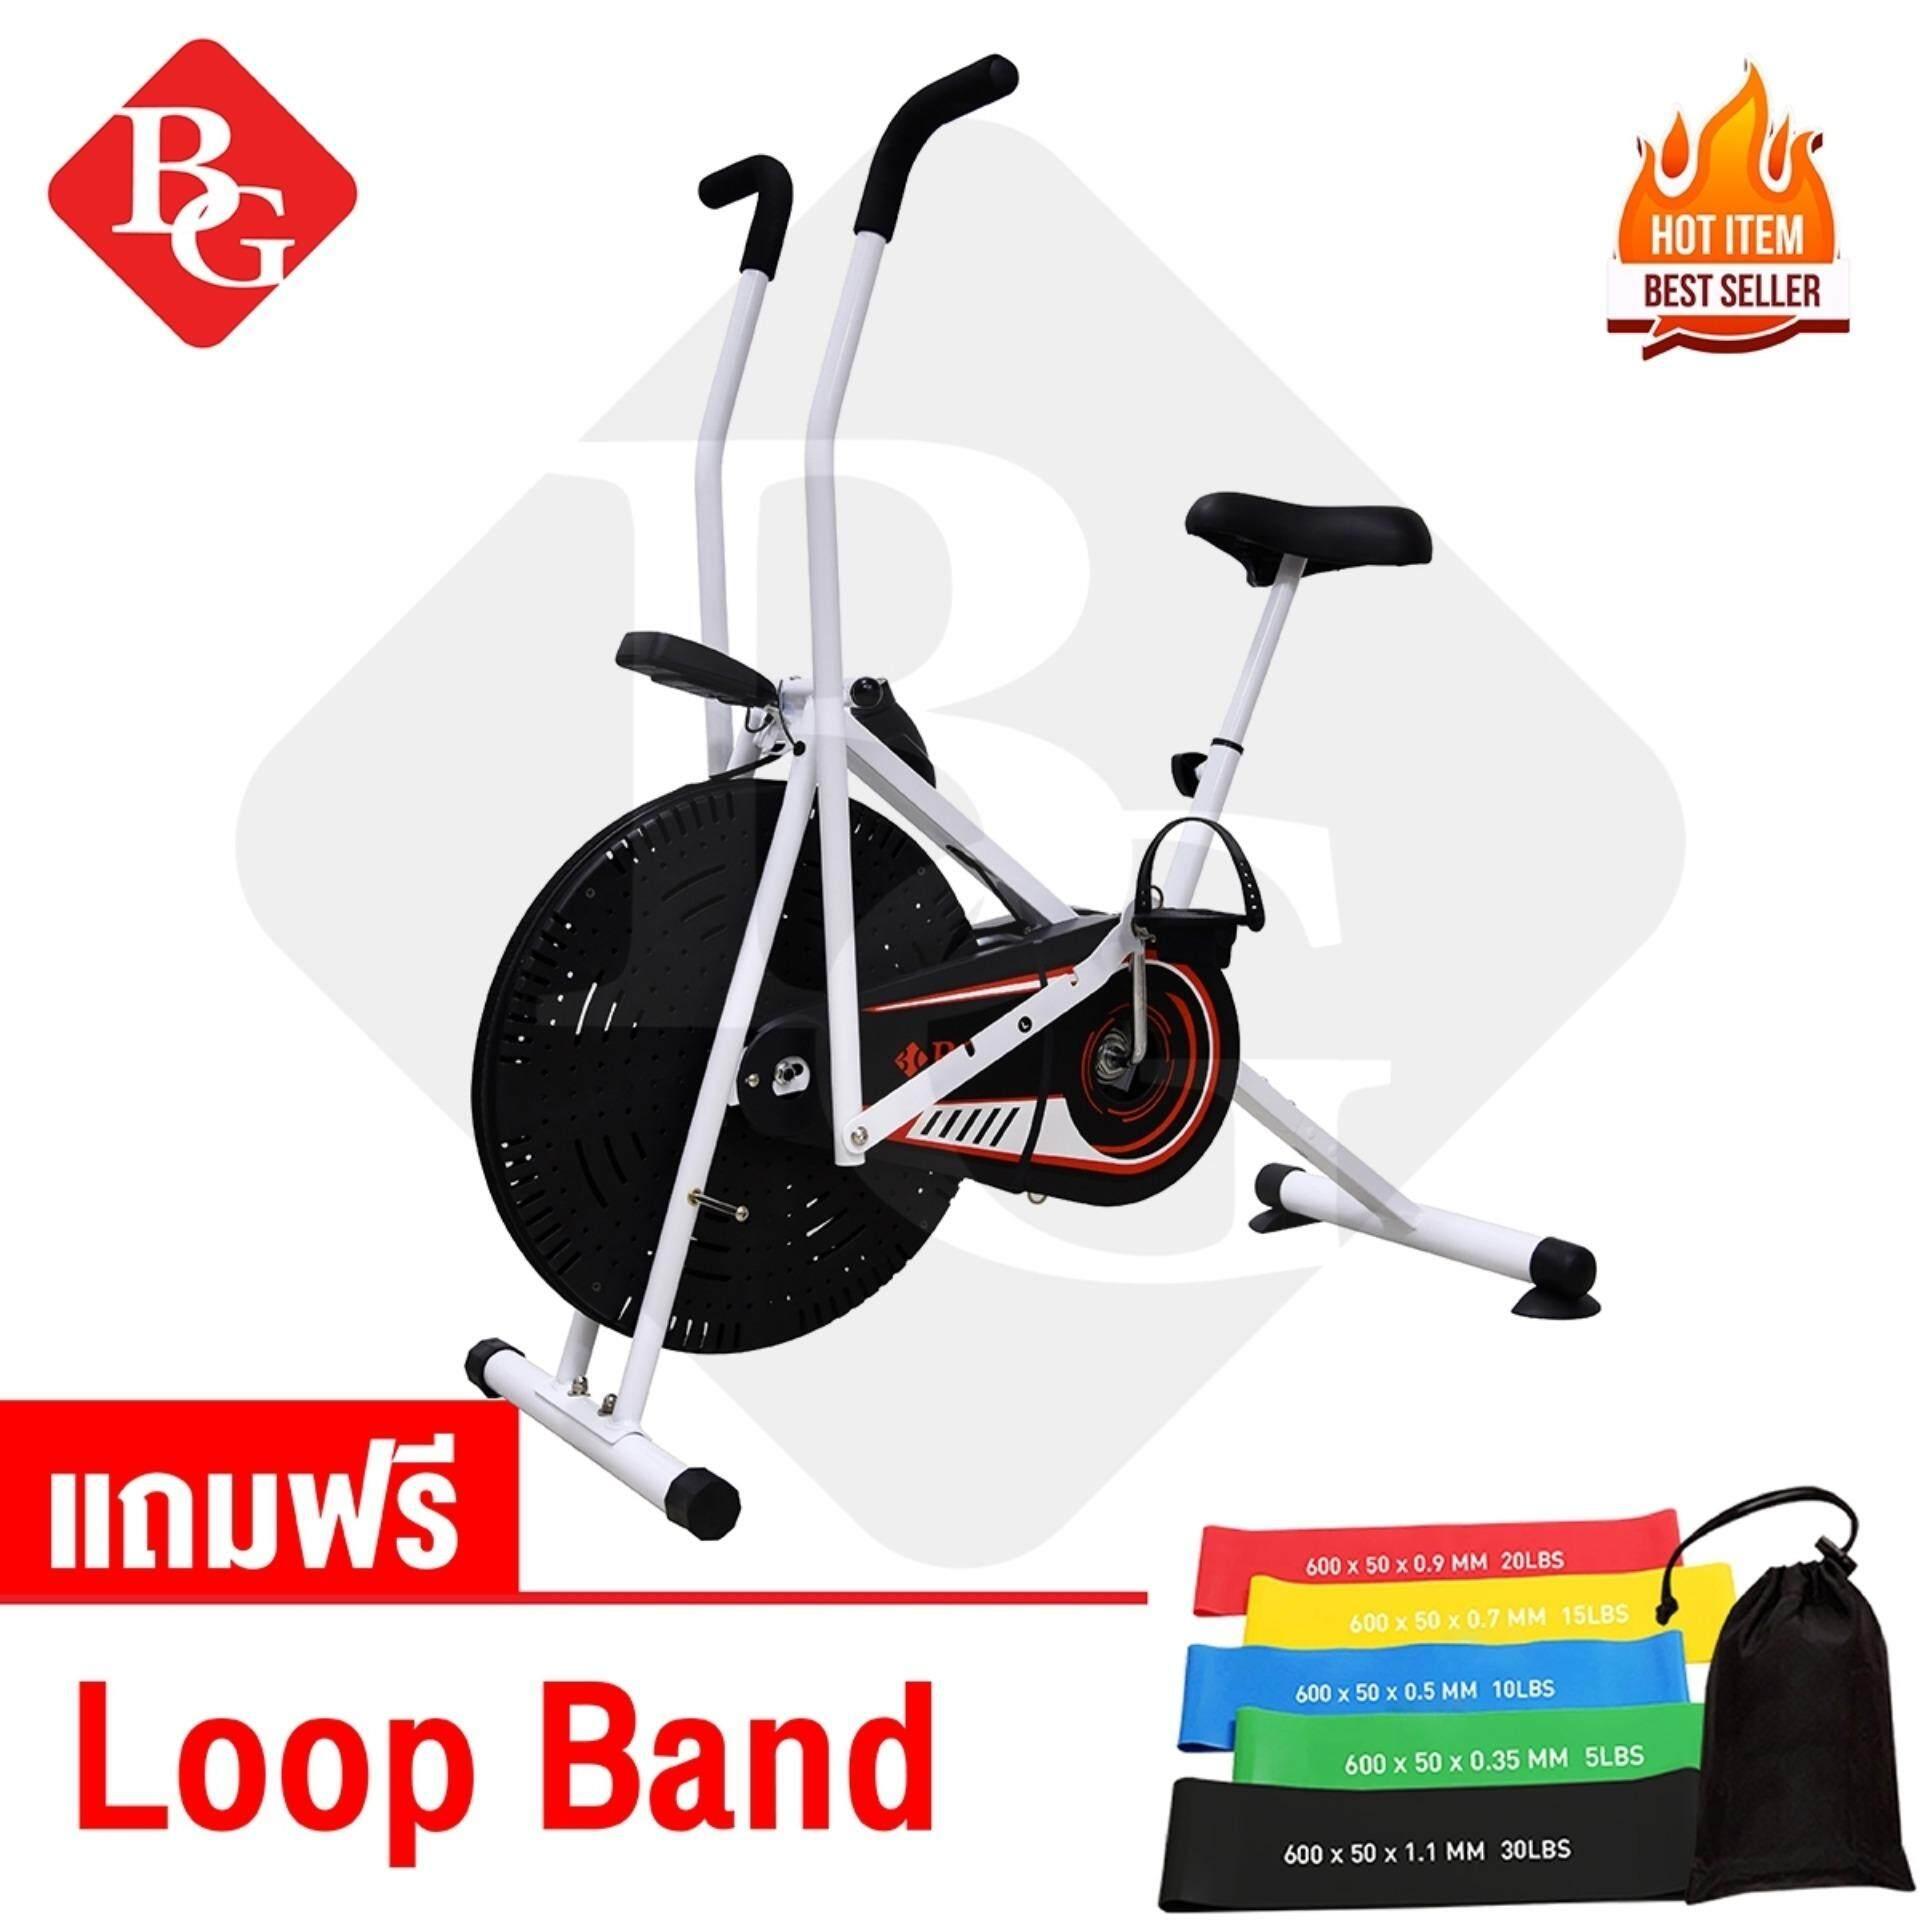 B&G Air Bike รุ่น BG8702 Fitness จักรยานนั่งปั่นออกกำลังกาย จักรยานบริหาร แถมฟรี ยางยืดวงแหวนออกกำลังกาย 5 เส้น รุ่น 6007